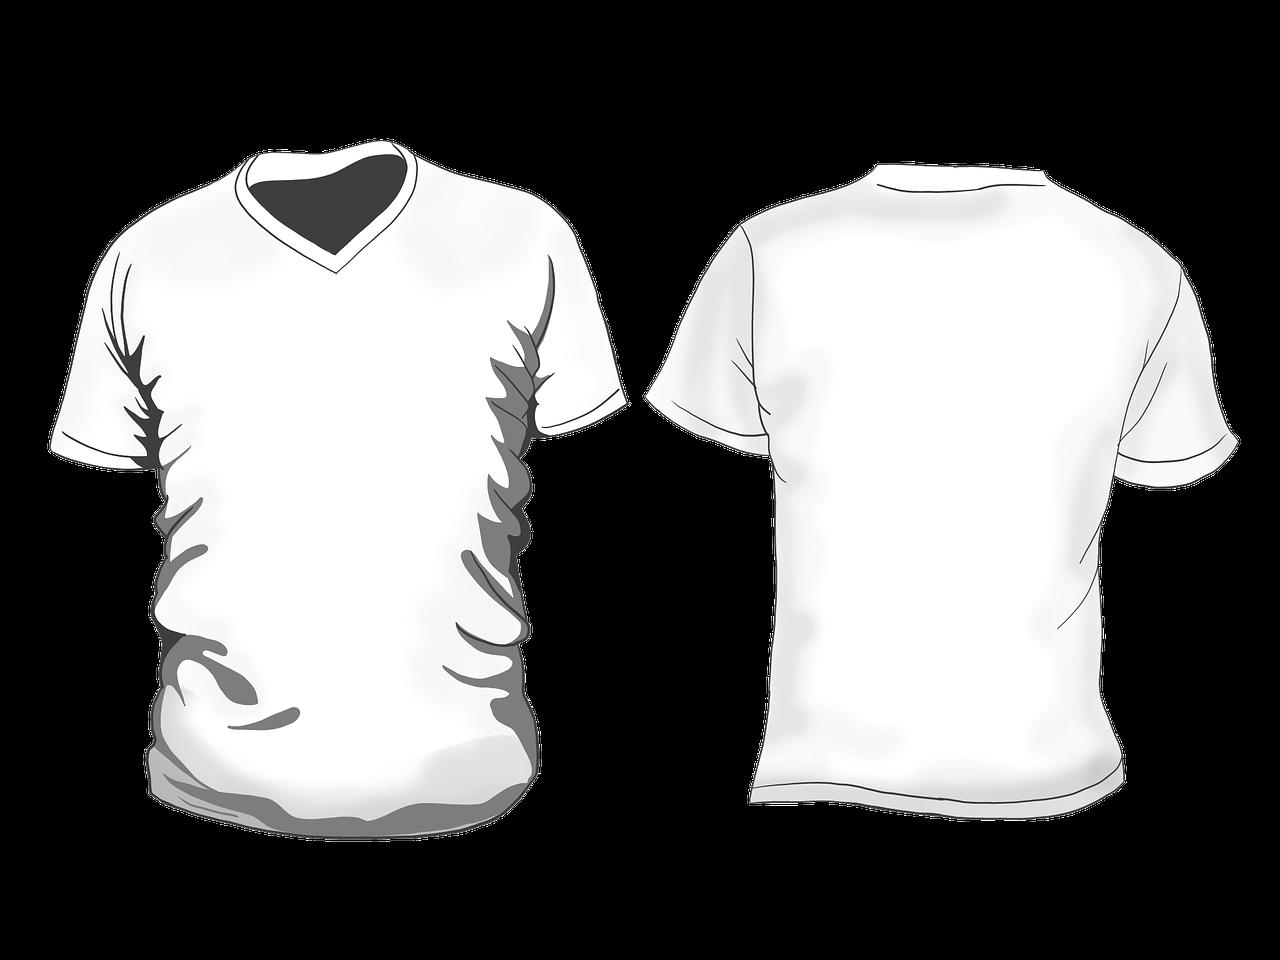 картинки как нарисовать футболку